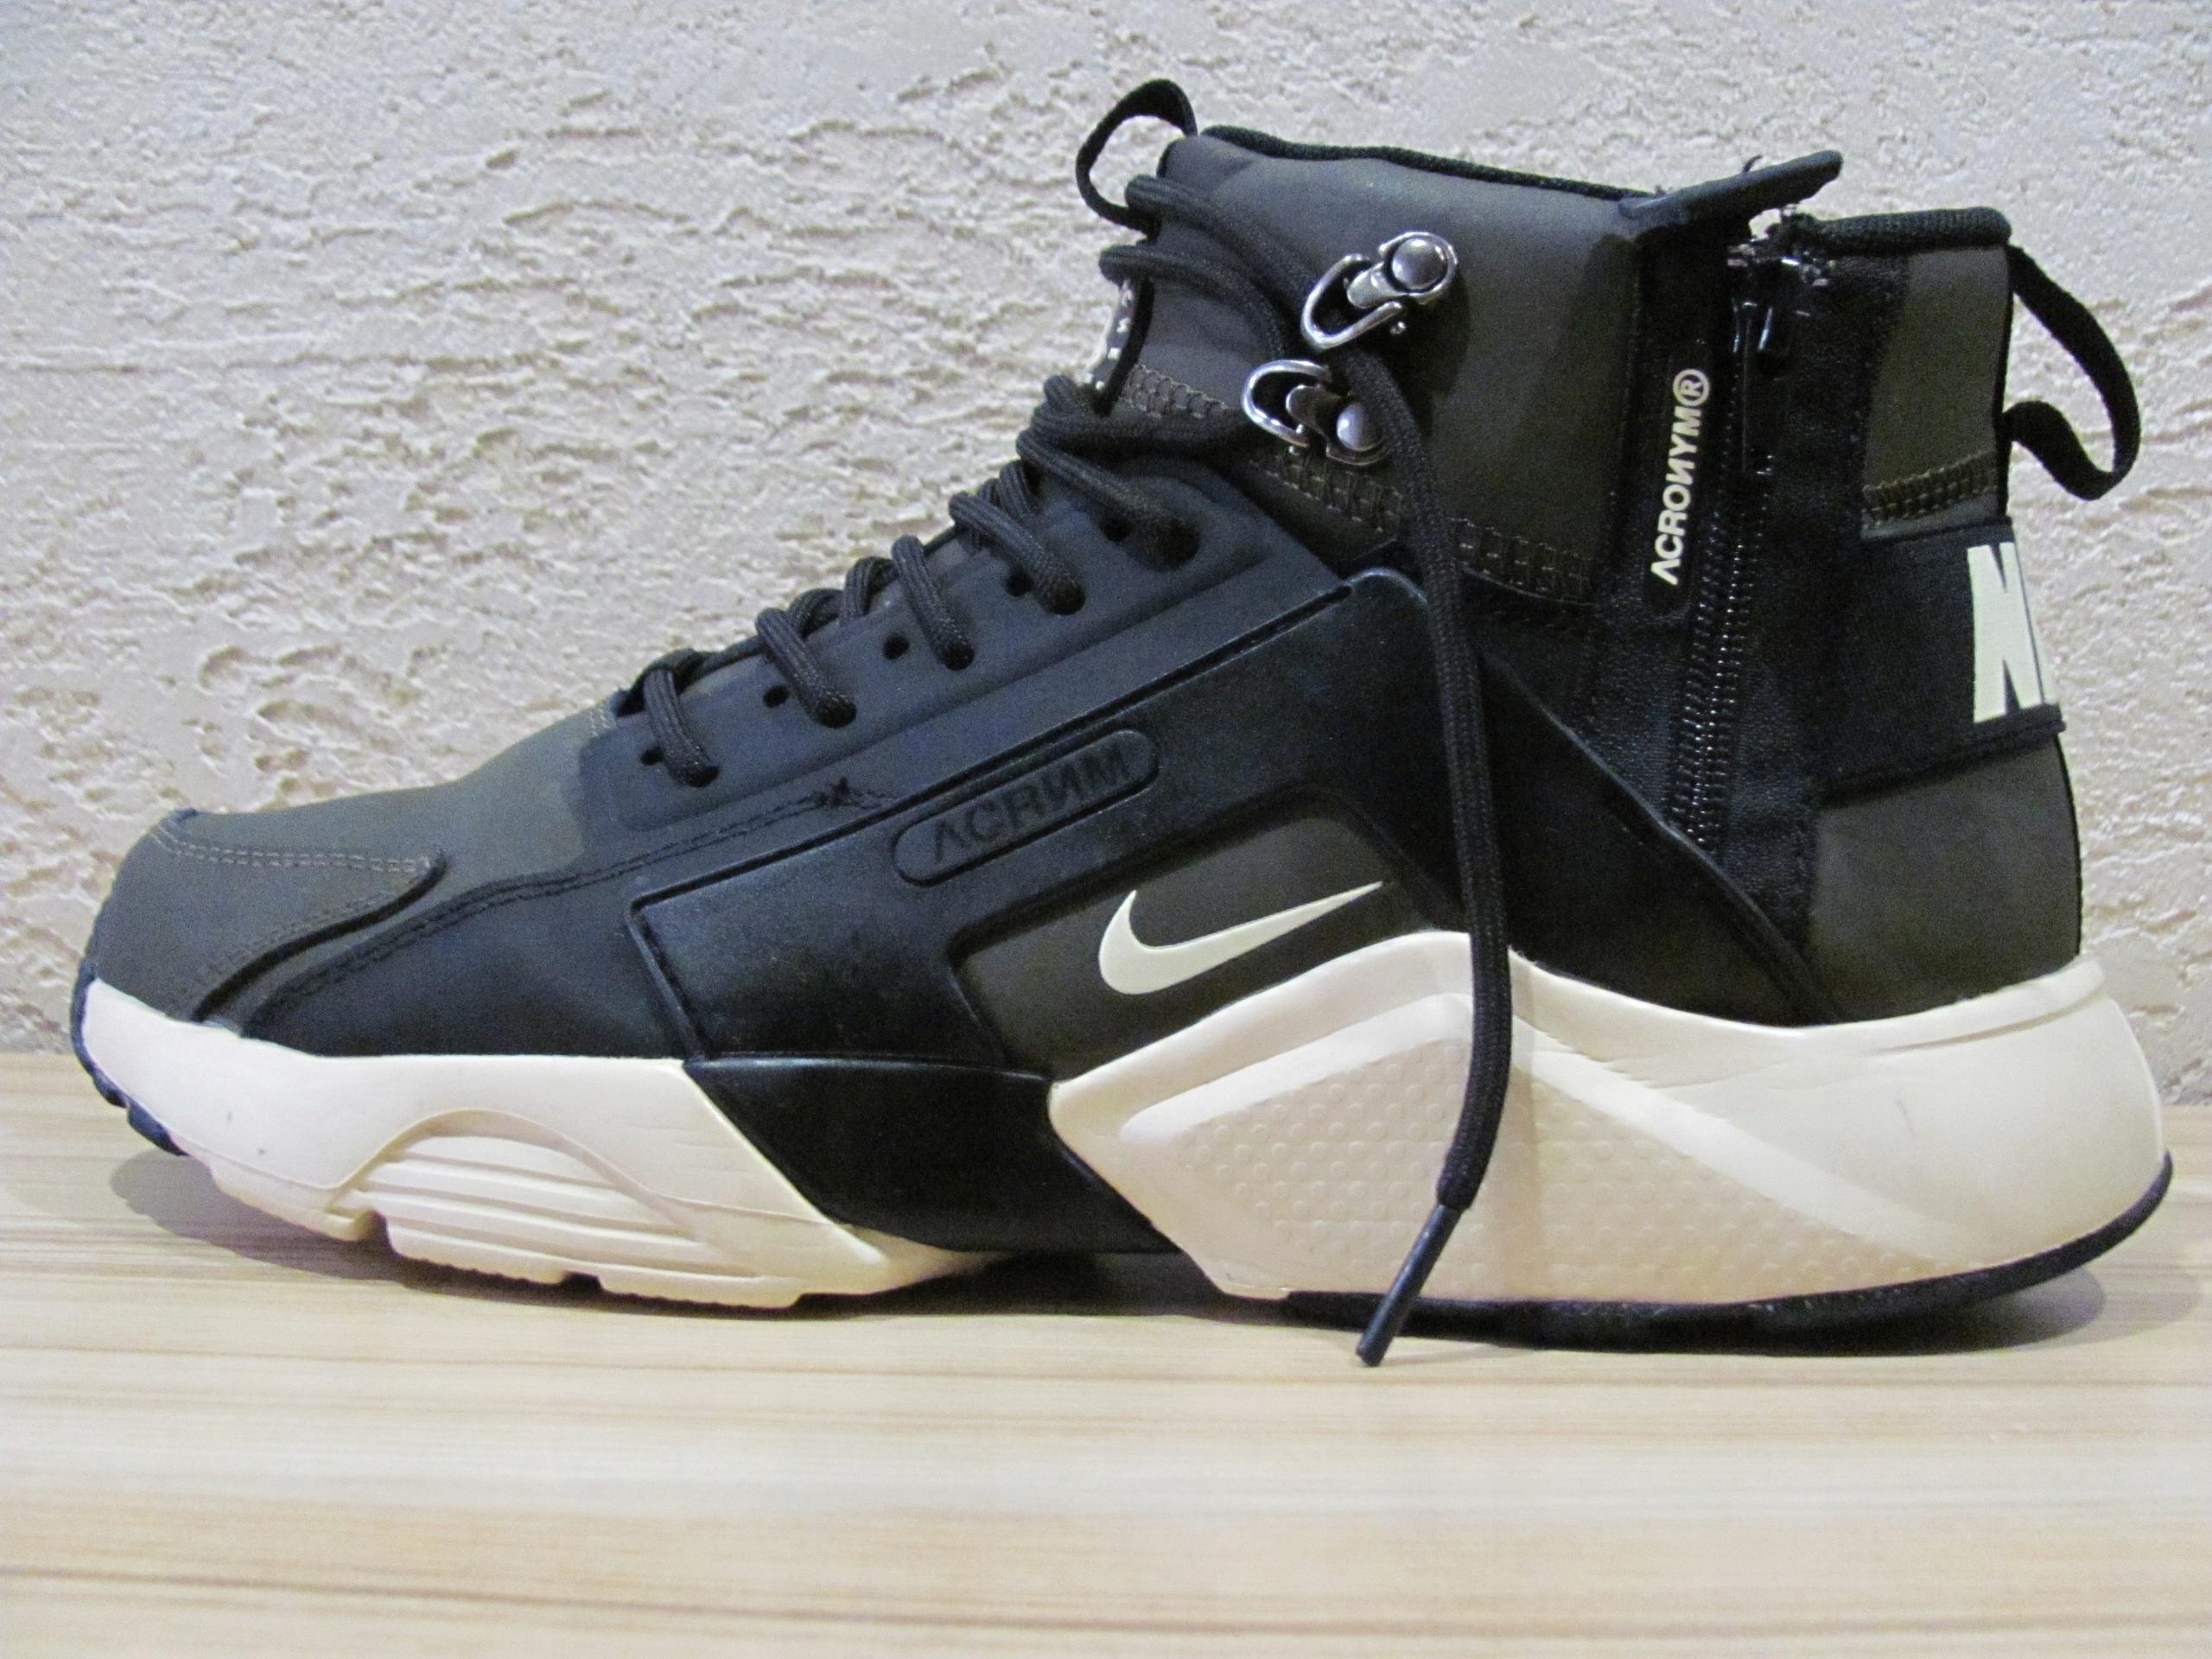 2fb51c257d37 buty Nike Huarache Acronym 43 - 7773819889 - oficjalne archiwum allegro